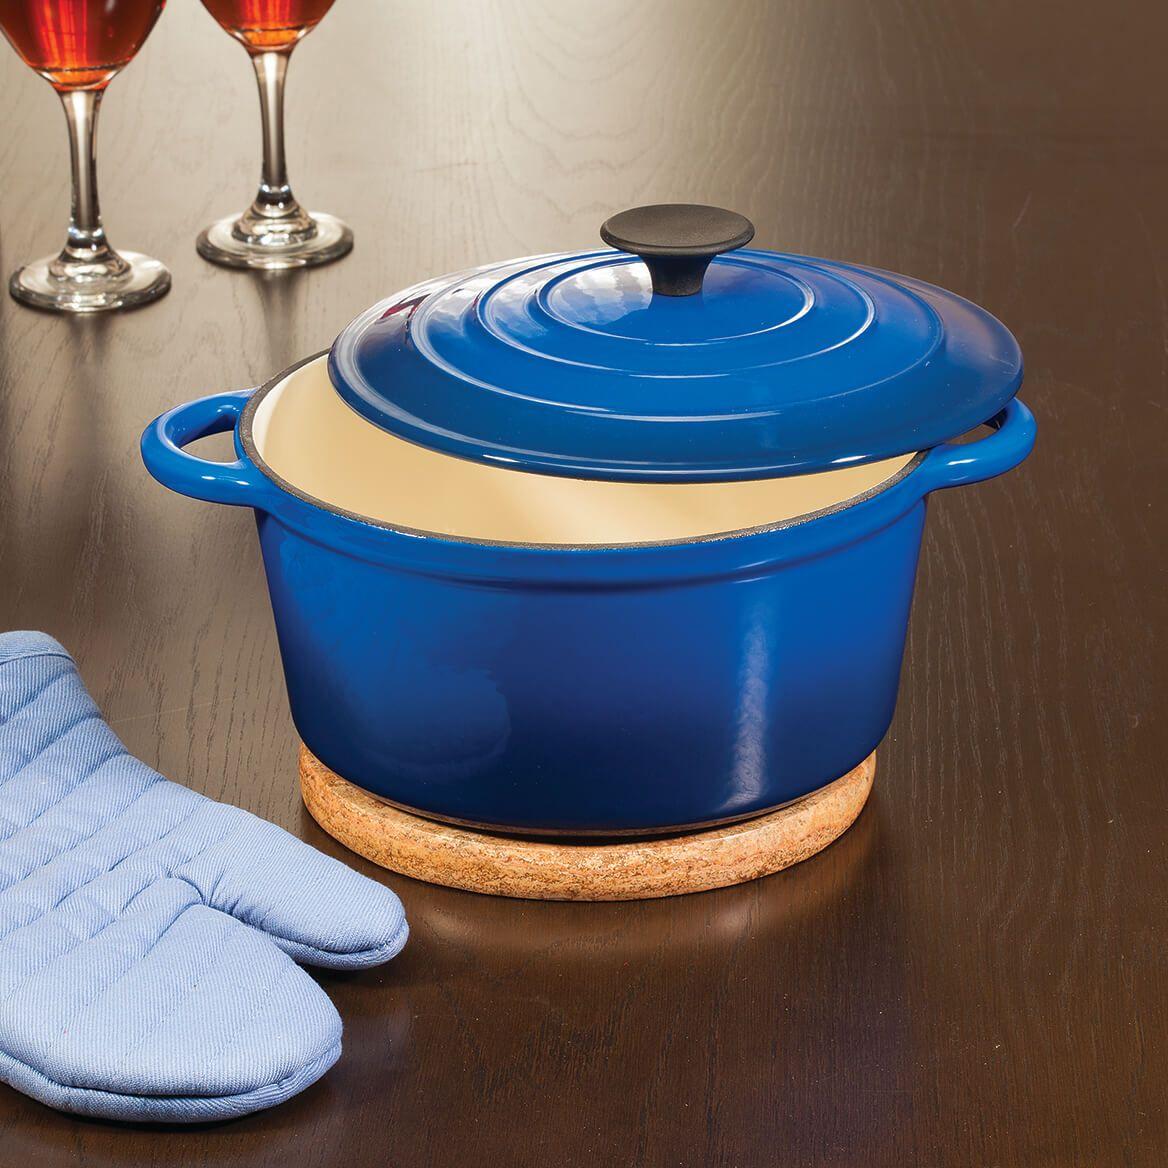 Home Marketplace Enamel Cast Iron Dutch Oven, 4 Qt.-362484